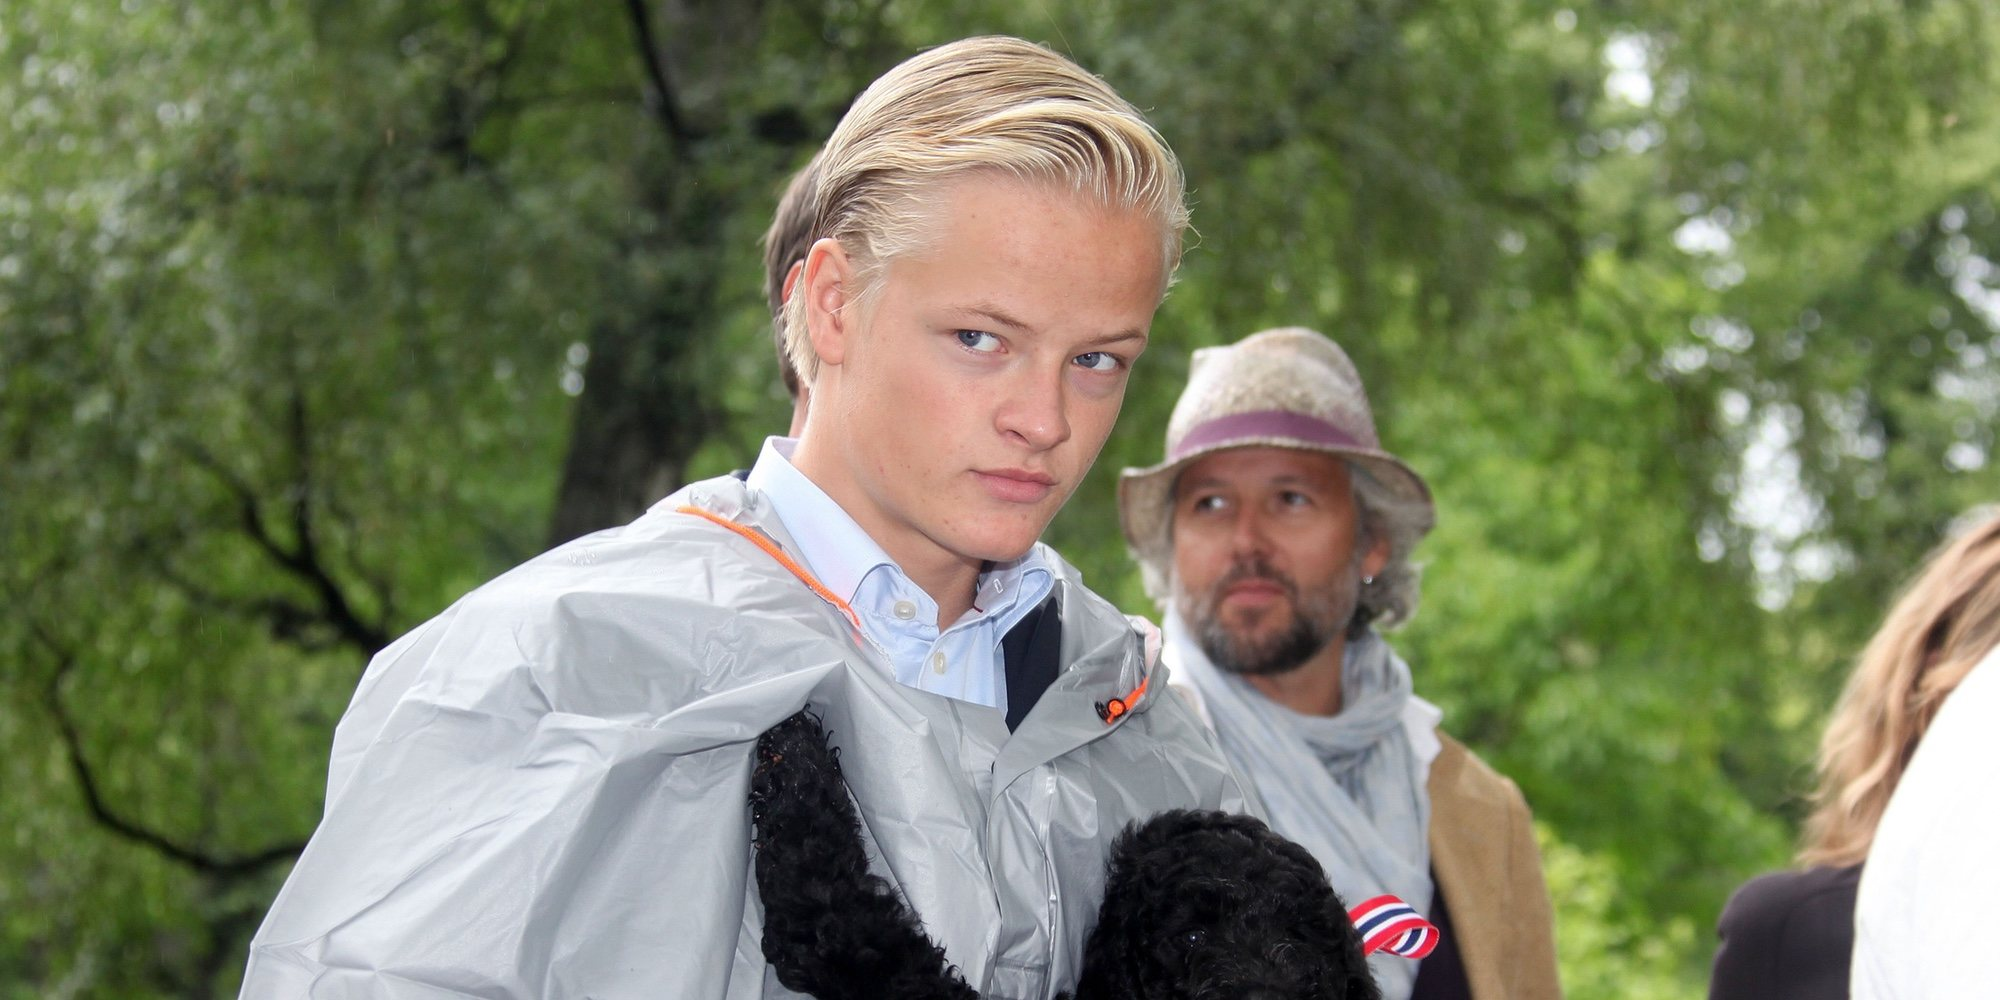 Marius Borg, el hijo de Mette-Marit de Noruega, y Juliane Snekkestad ya viven juntos en Londres